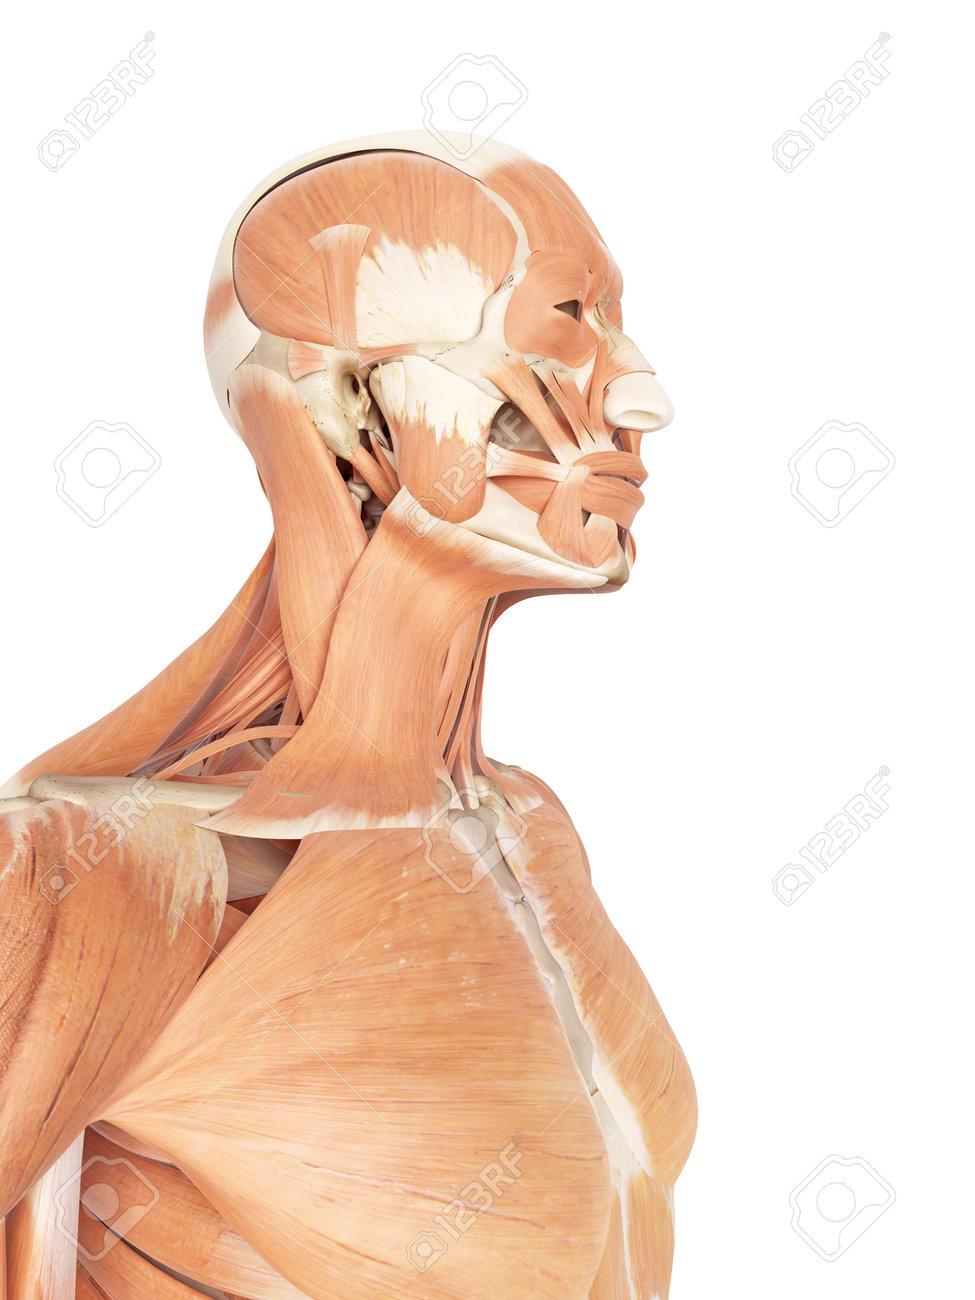 Ilustración Médica Precisa De Los Músculos Del Cuello Y La Garganta ...